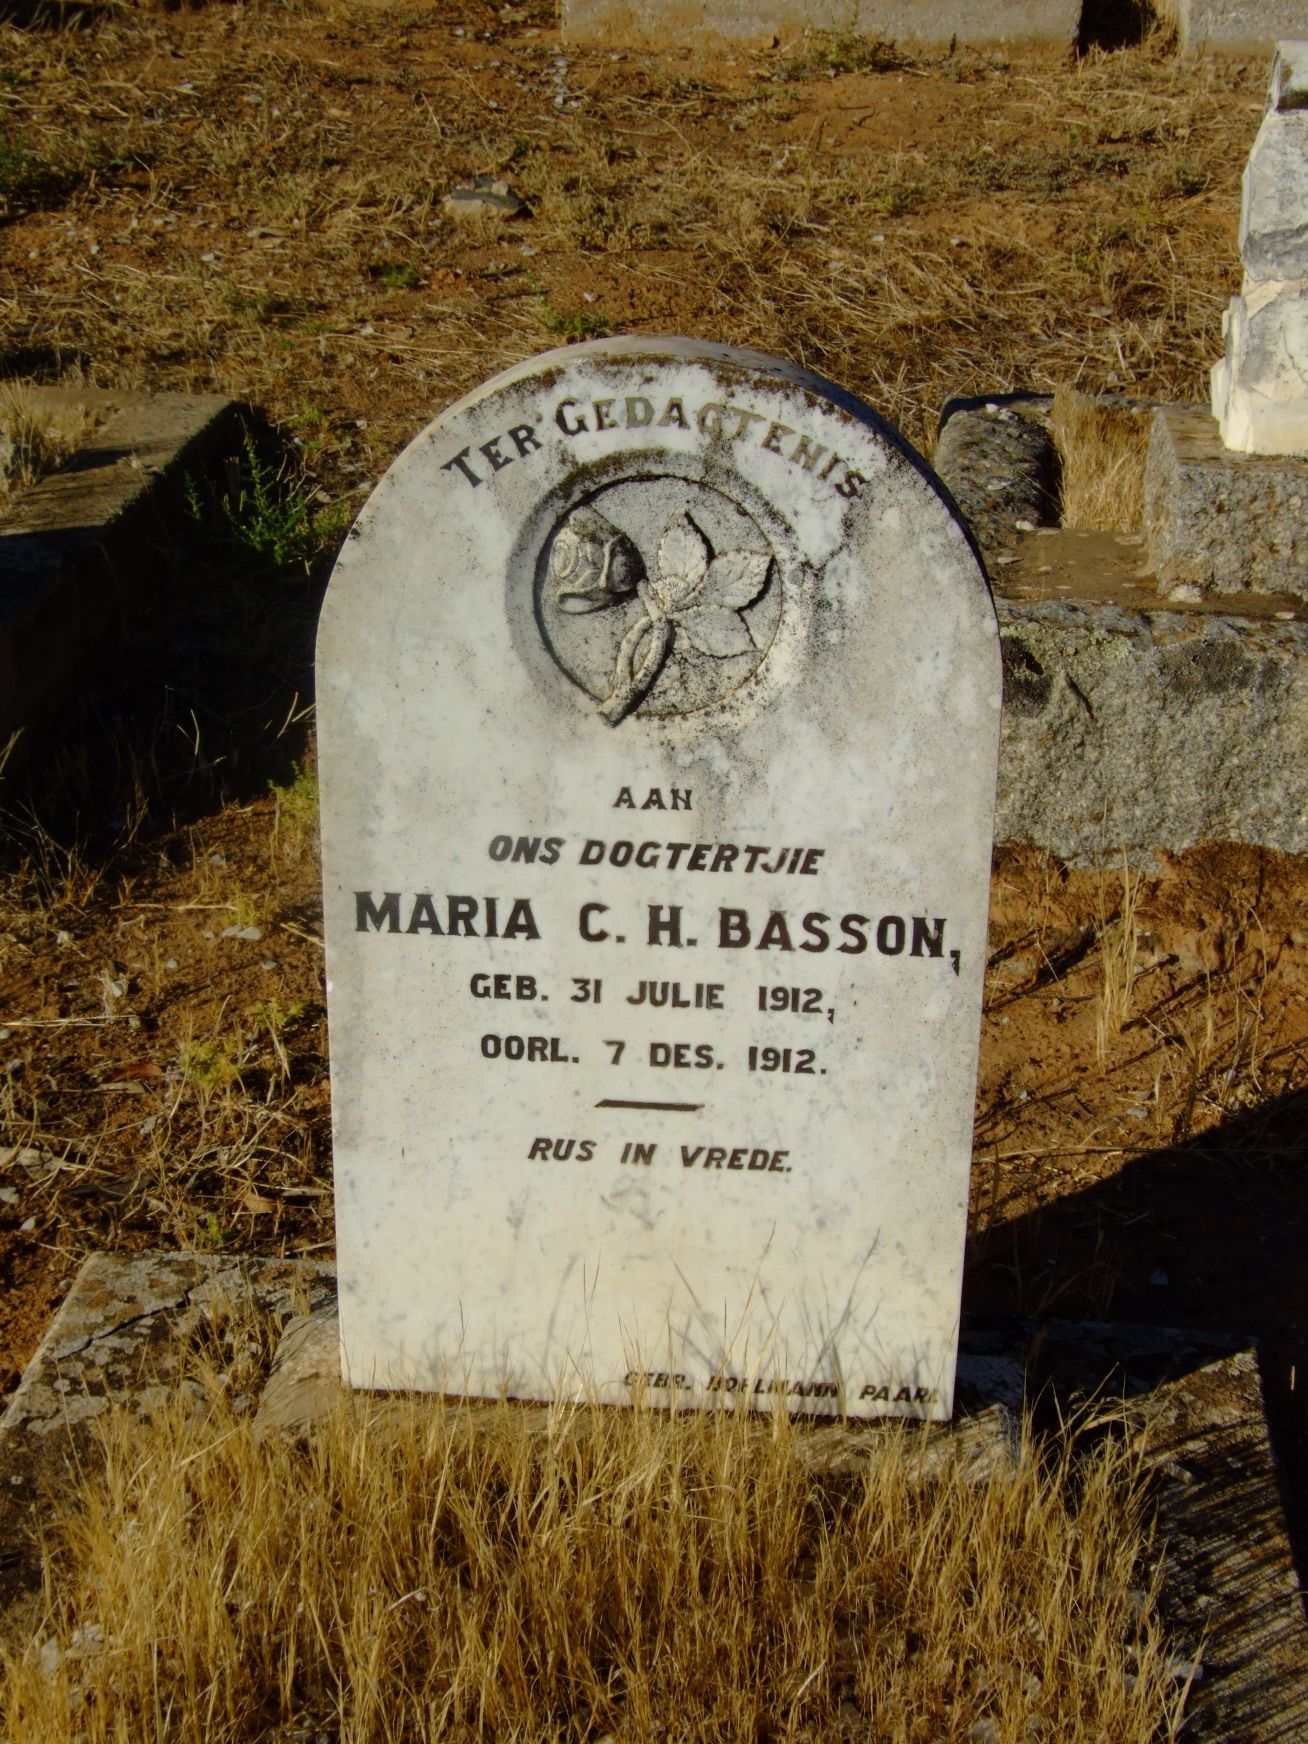 Basson, Maria C. H.